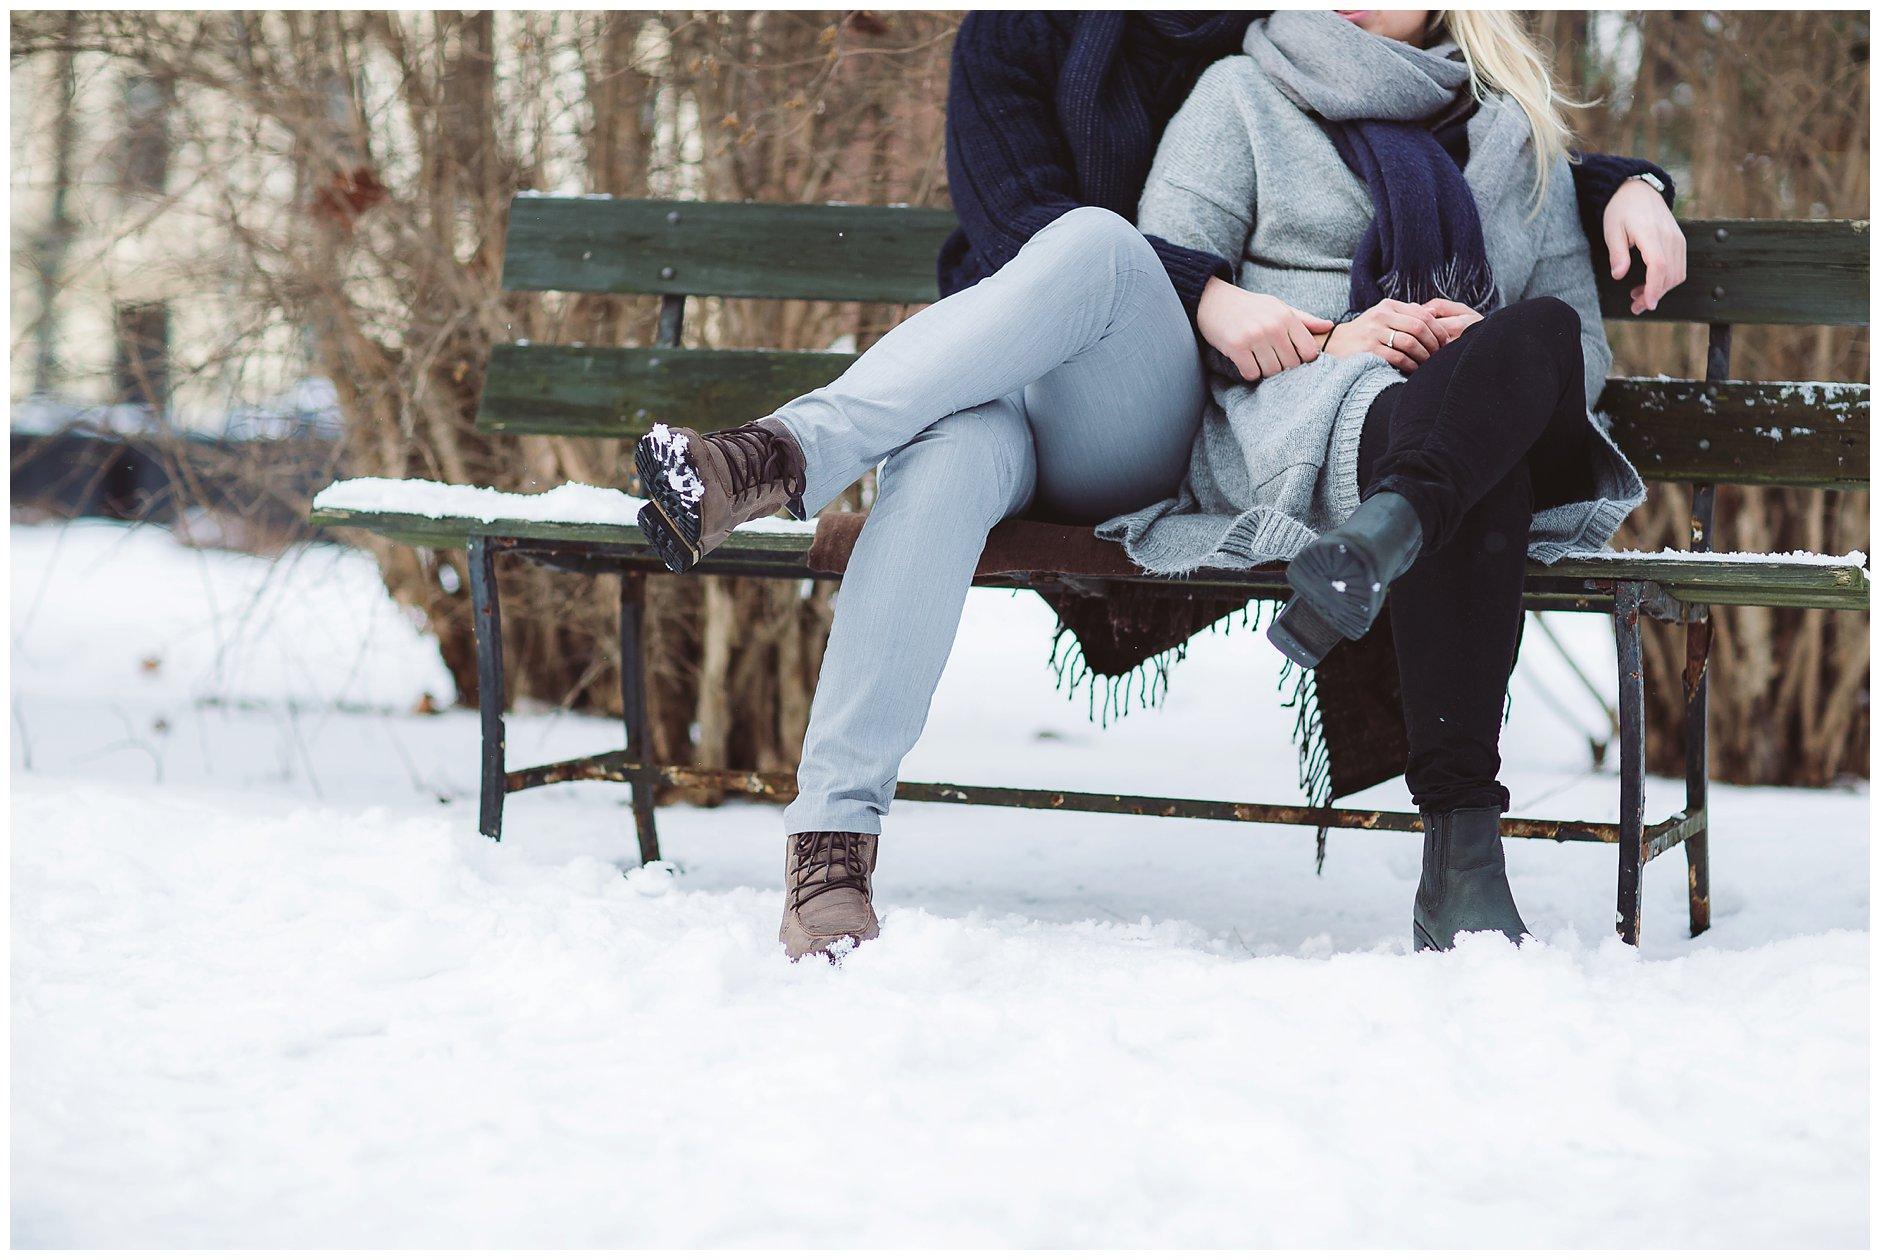 Kjærestebilder vinter snø fotografering ute